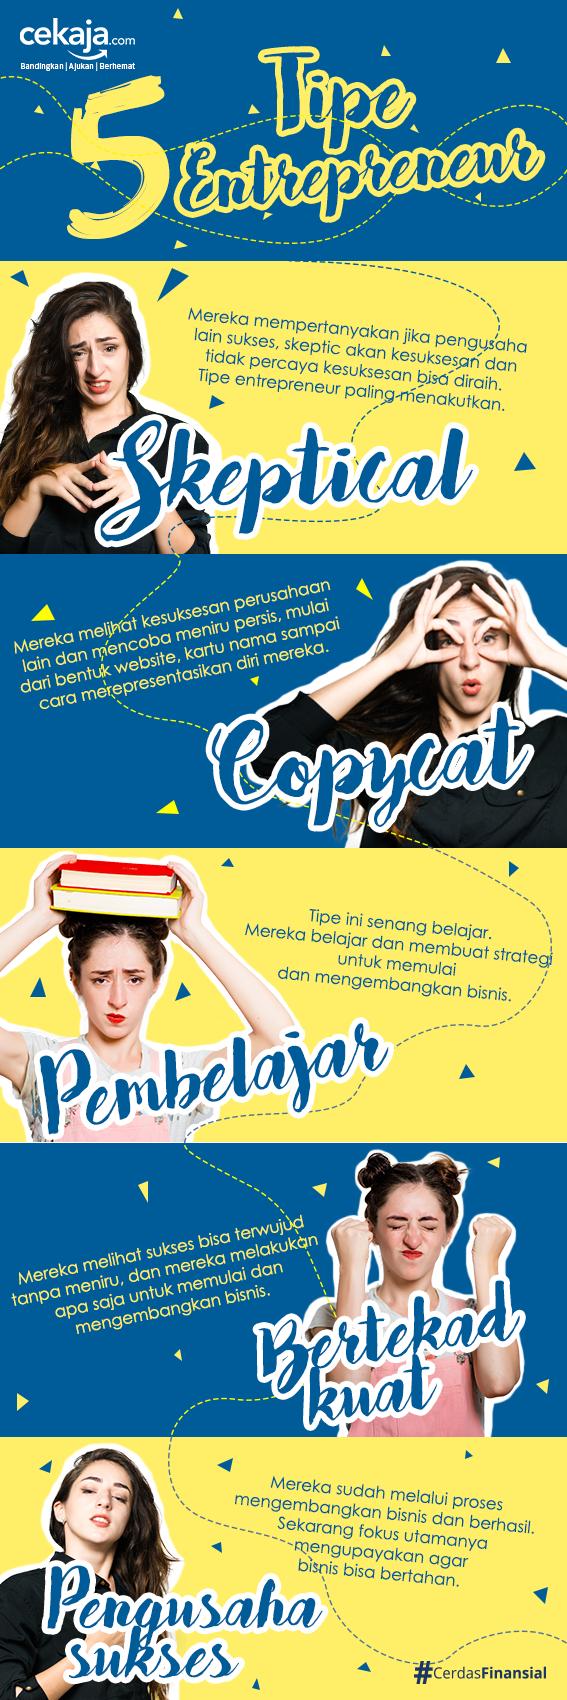 infografis tipe entrepreneur sukses-CekAja.com